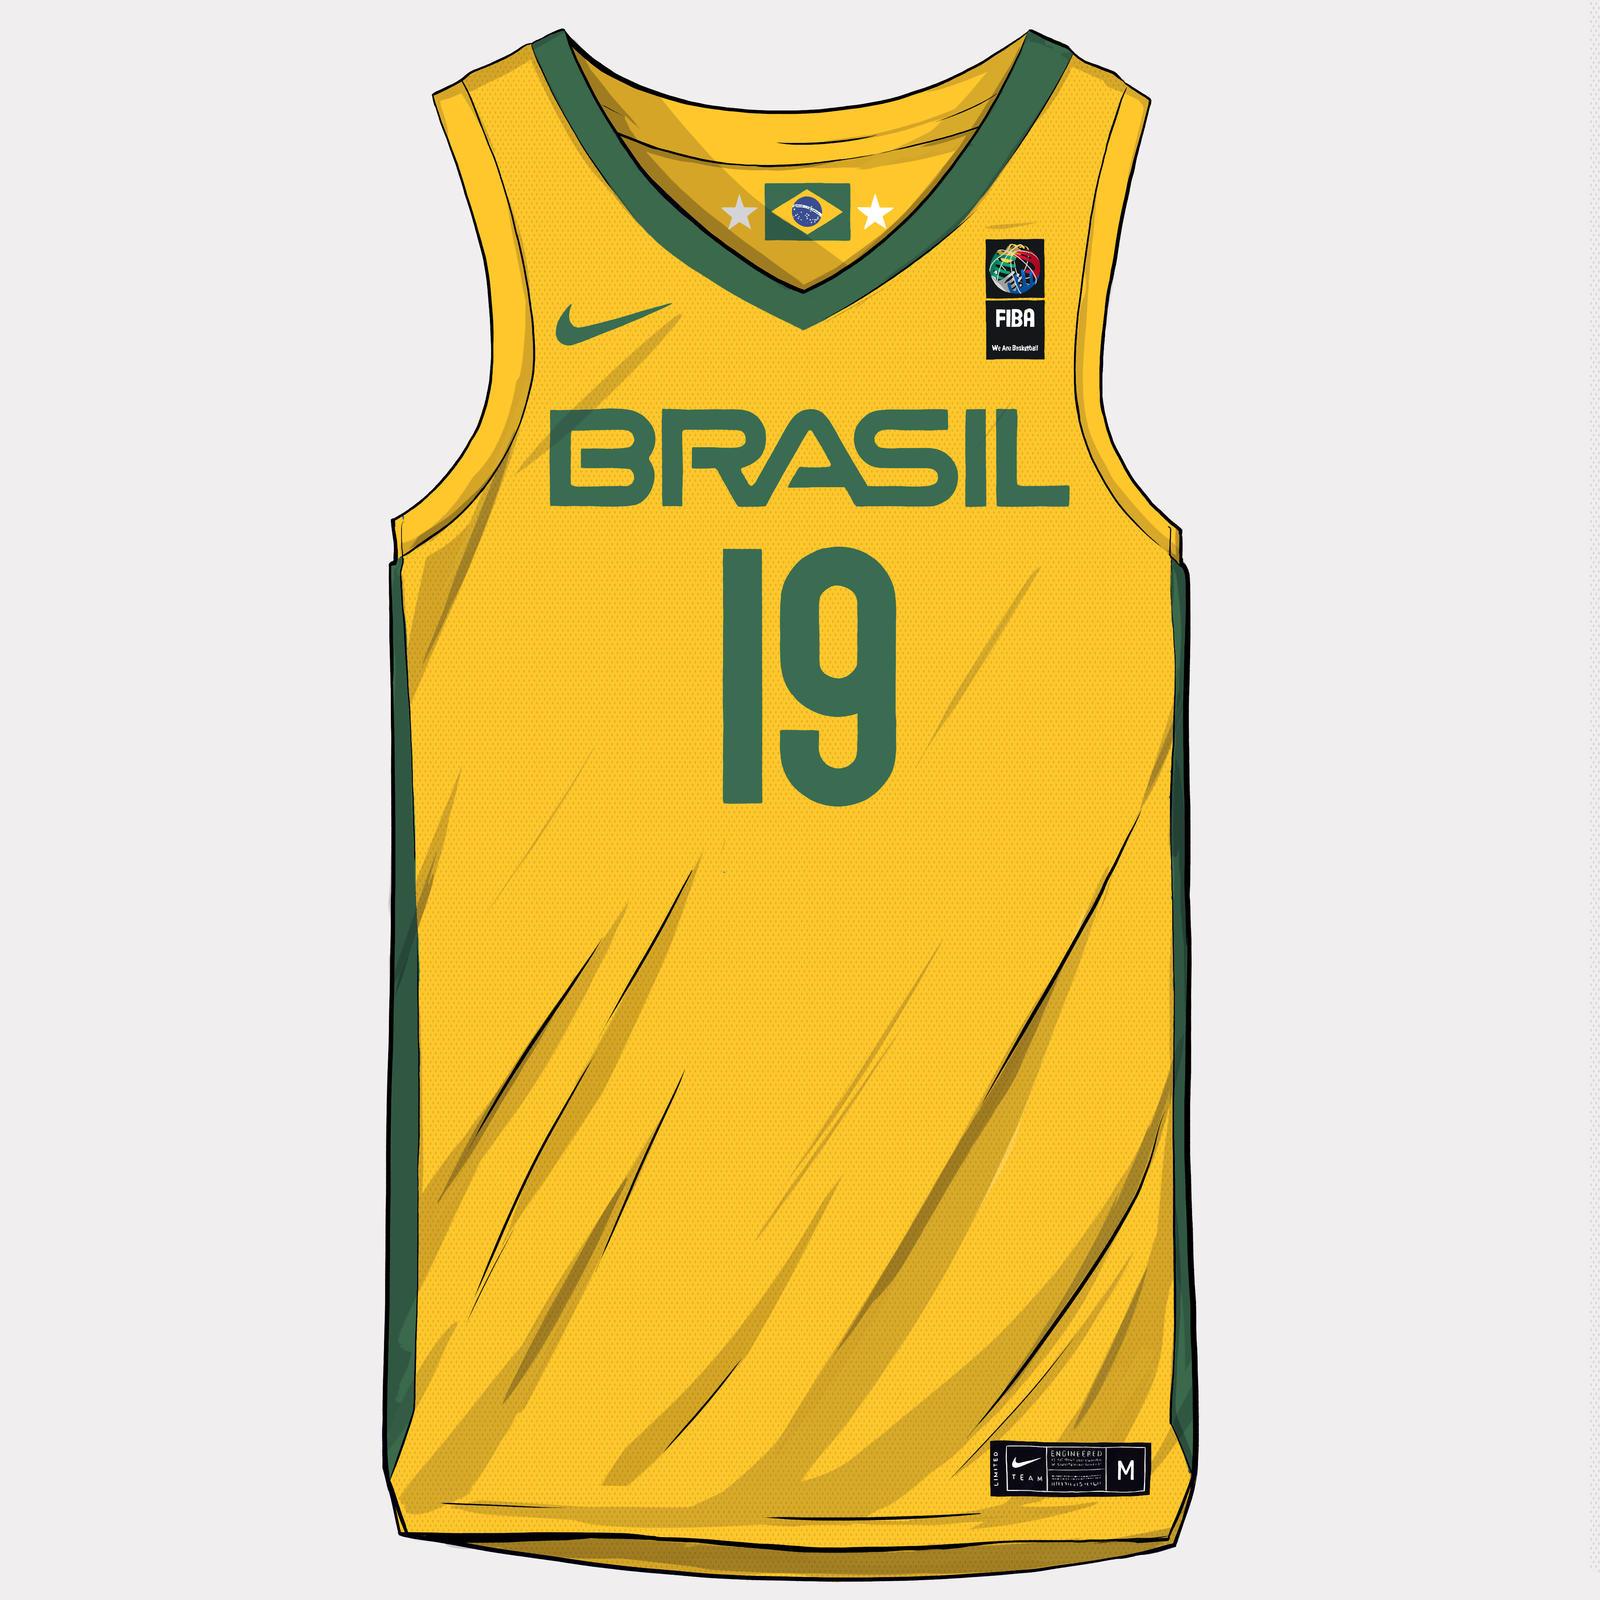 nike-news-brasil-national-team-kit-2019-illustration-1x1_2_89521.jpg